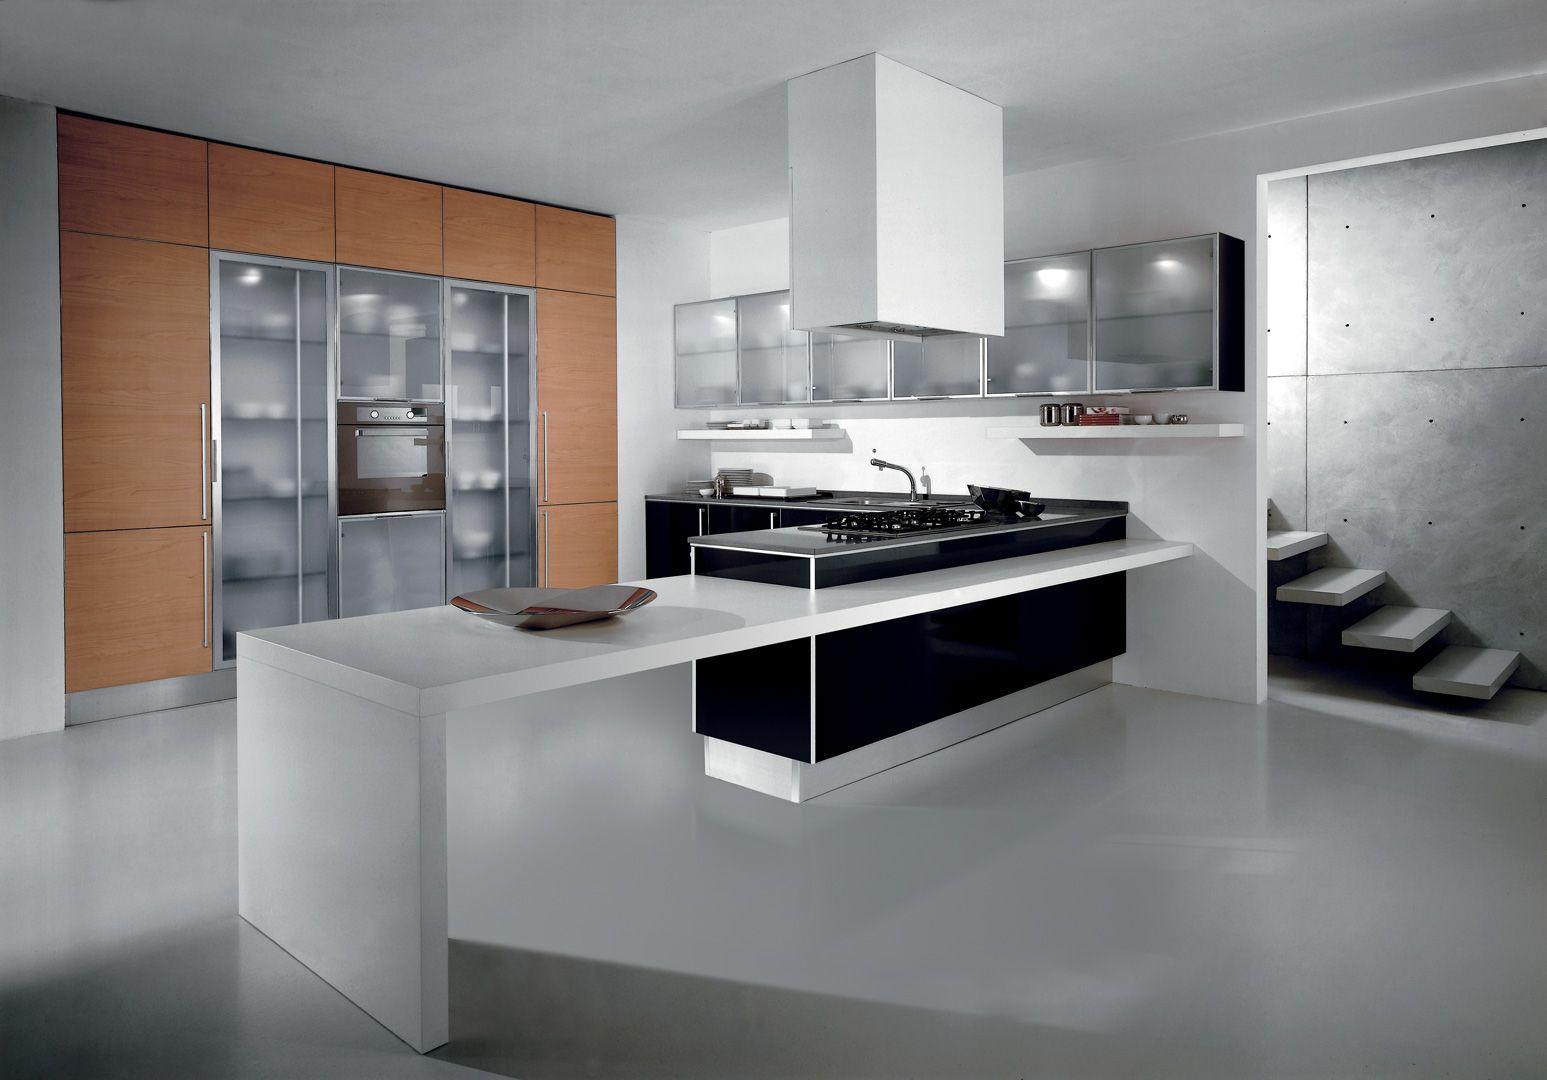 The Miro Colours Collection Aran Italian Kitchens Italian Kitchen Cabinets Kitchen Italian Kitchen